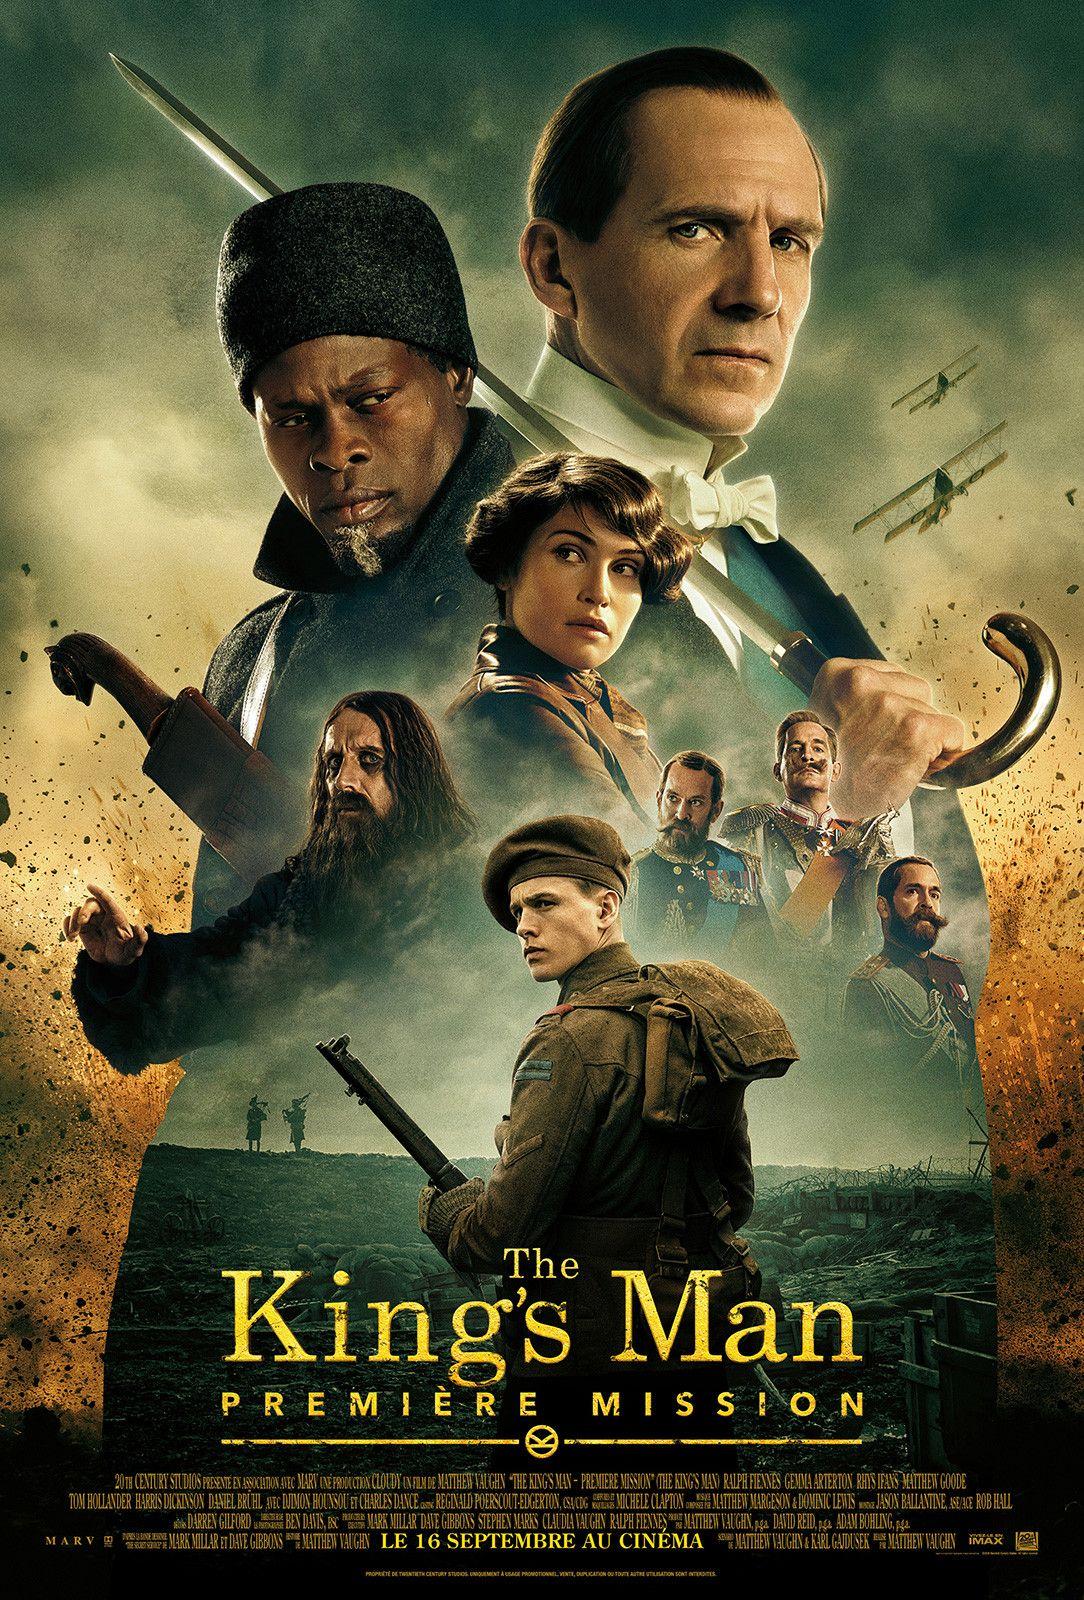 The King's Man Première Mission film 2020 AlloCiné